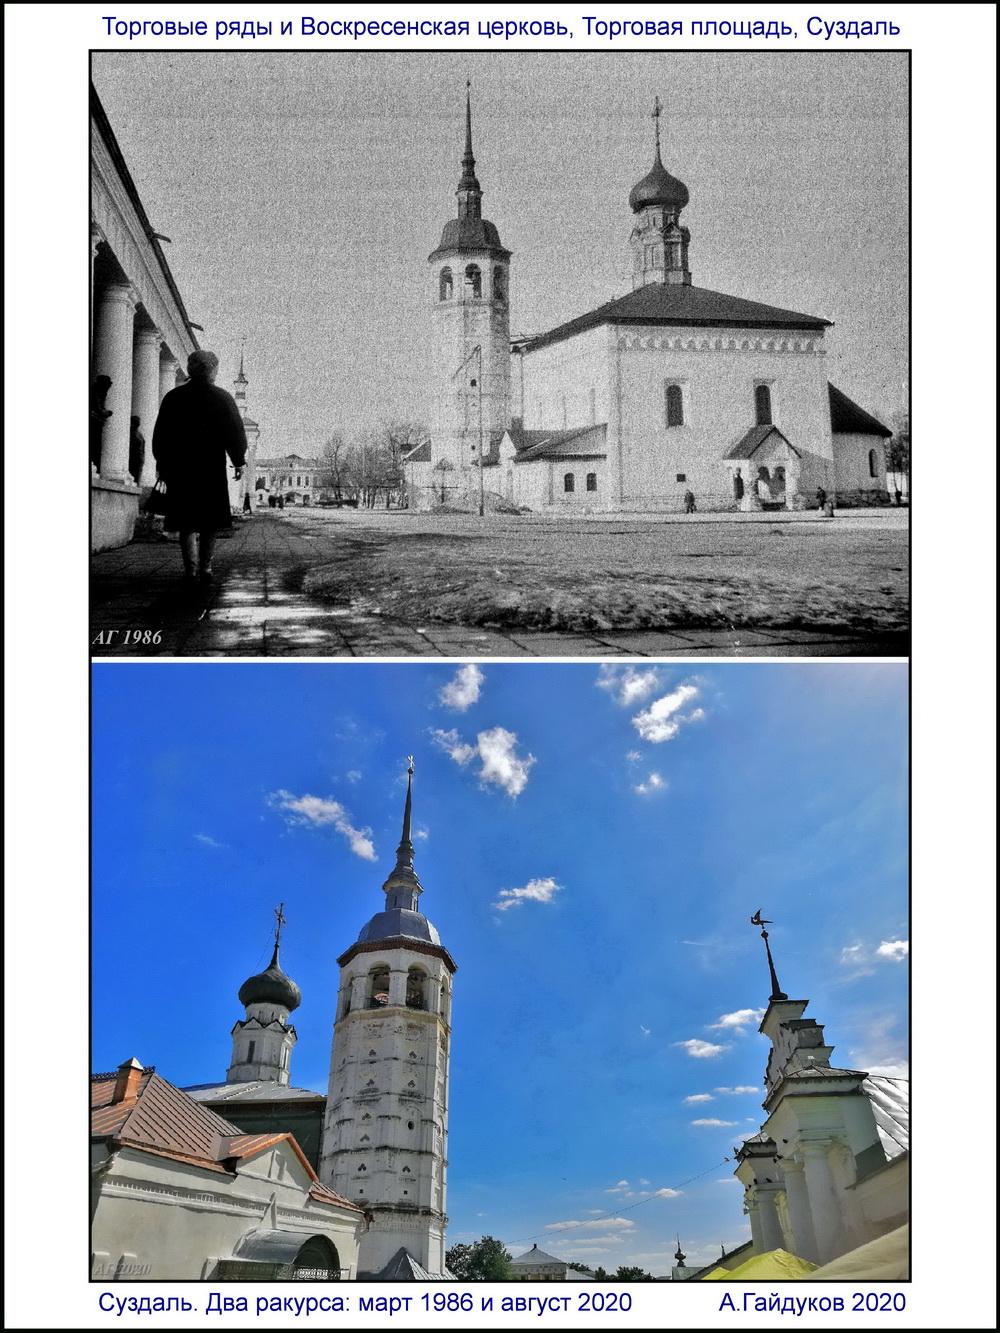 Два взгляда на Суздаль с перерывом в треть века 1986 и 2020. Воскресенская церковь. Взгляд вдоль торговых рядов в двух направлениях